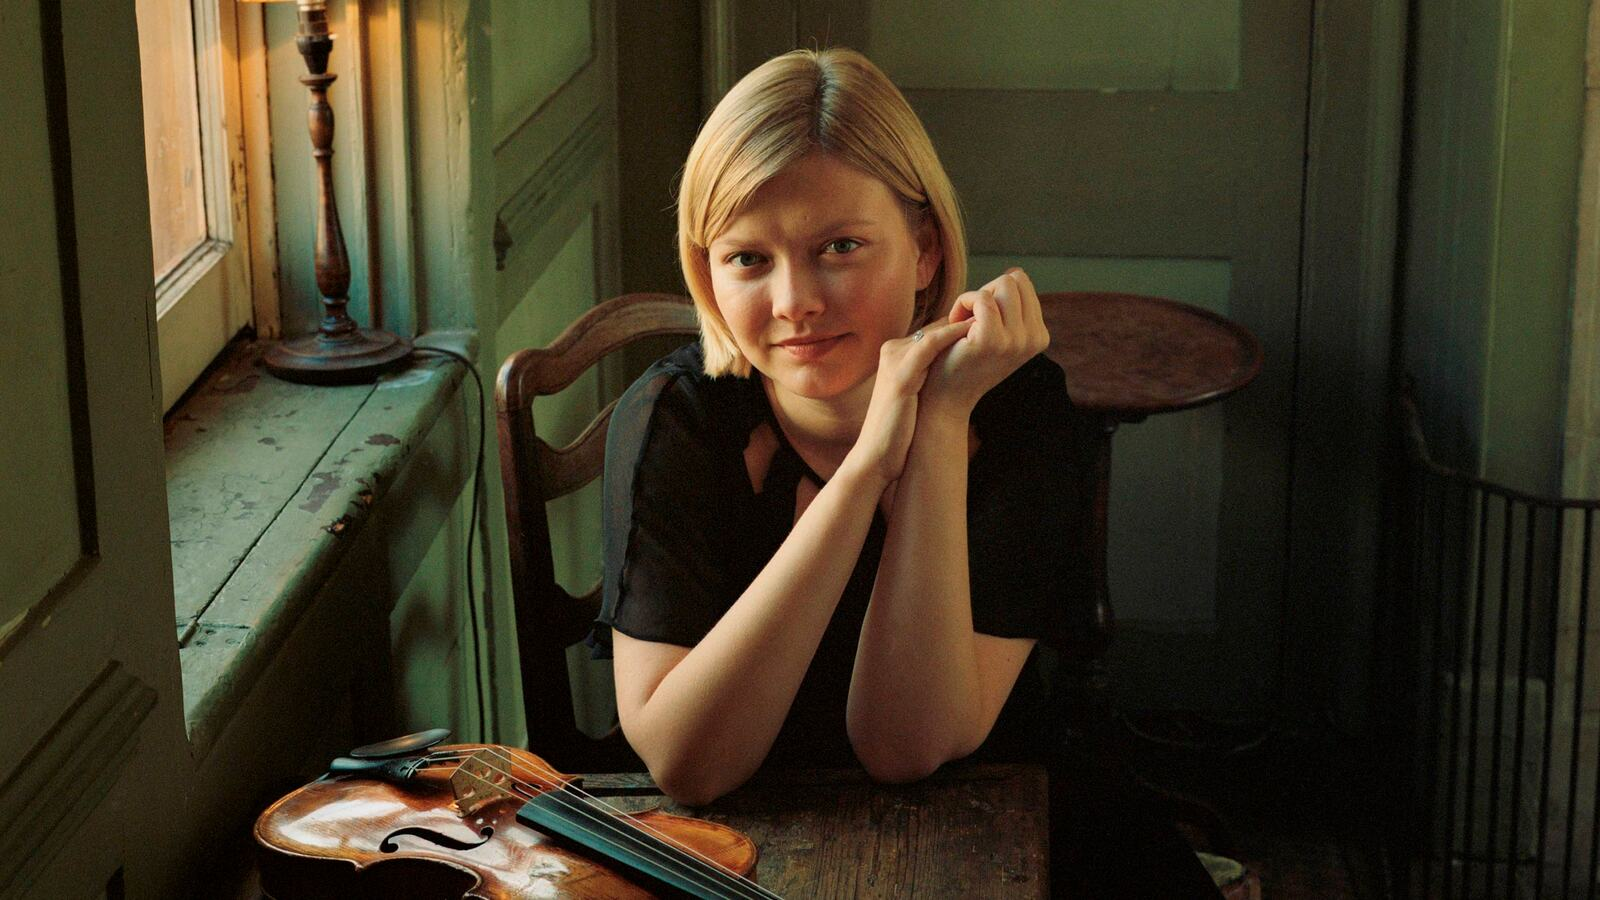 Violinist Alina Ibragimova